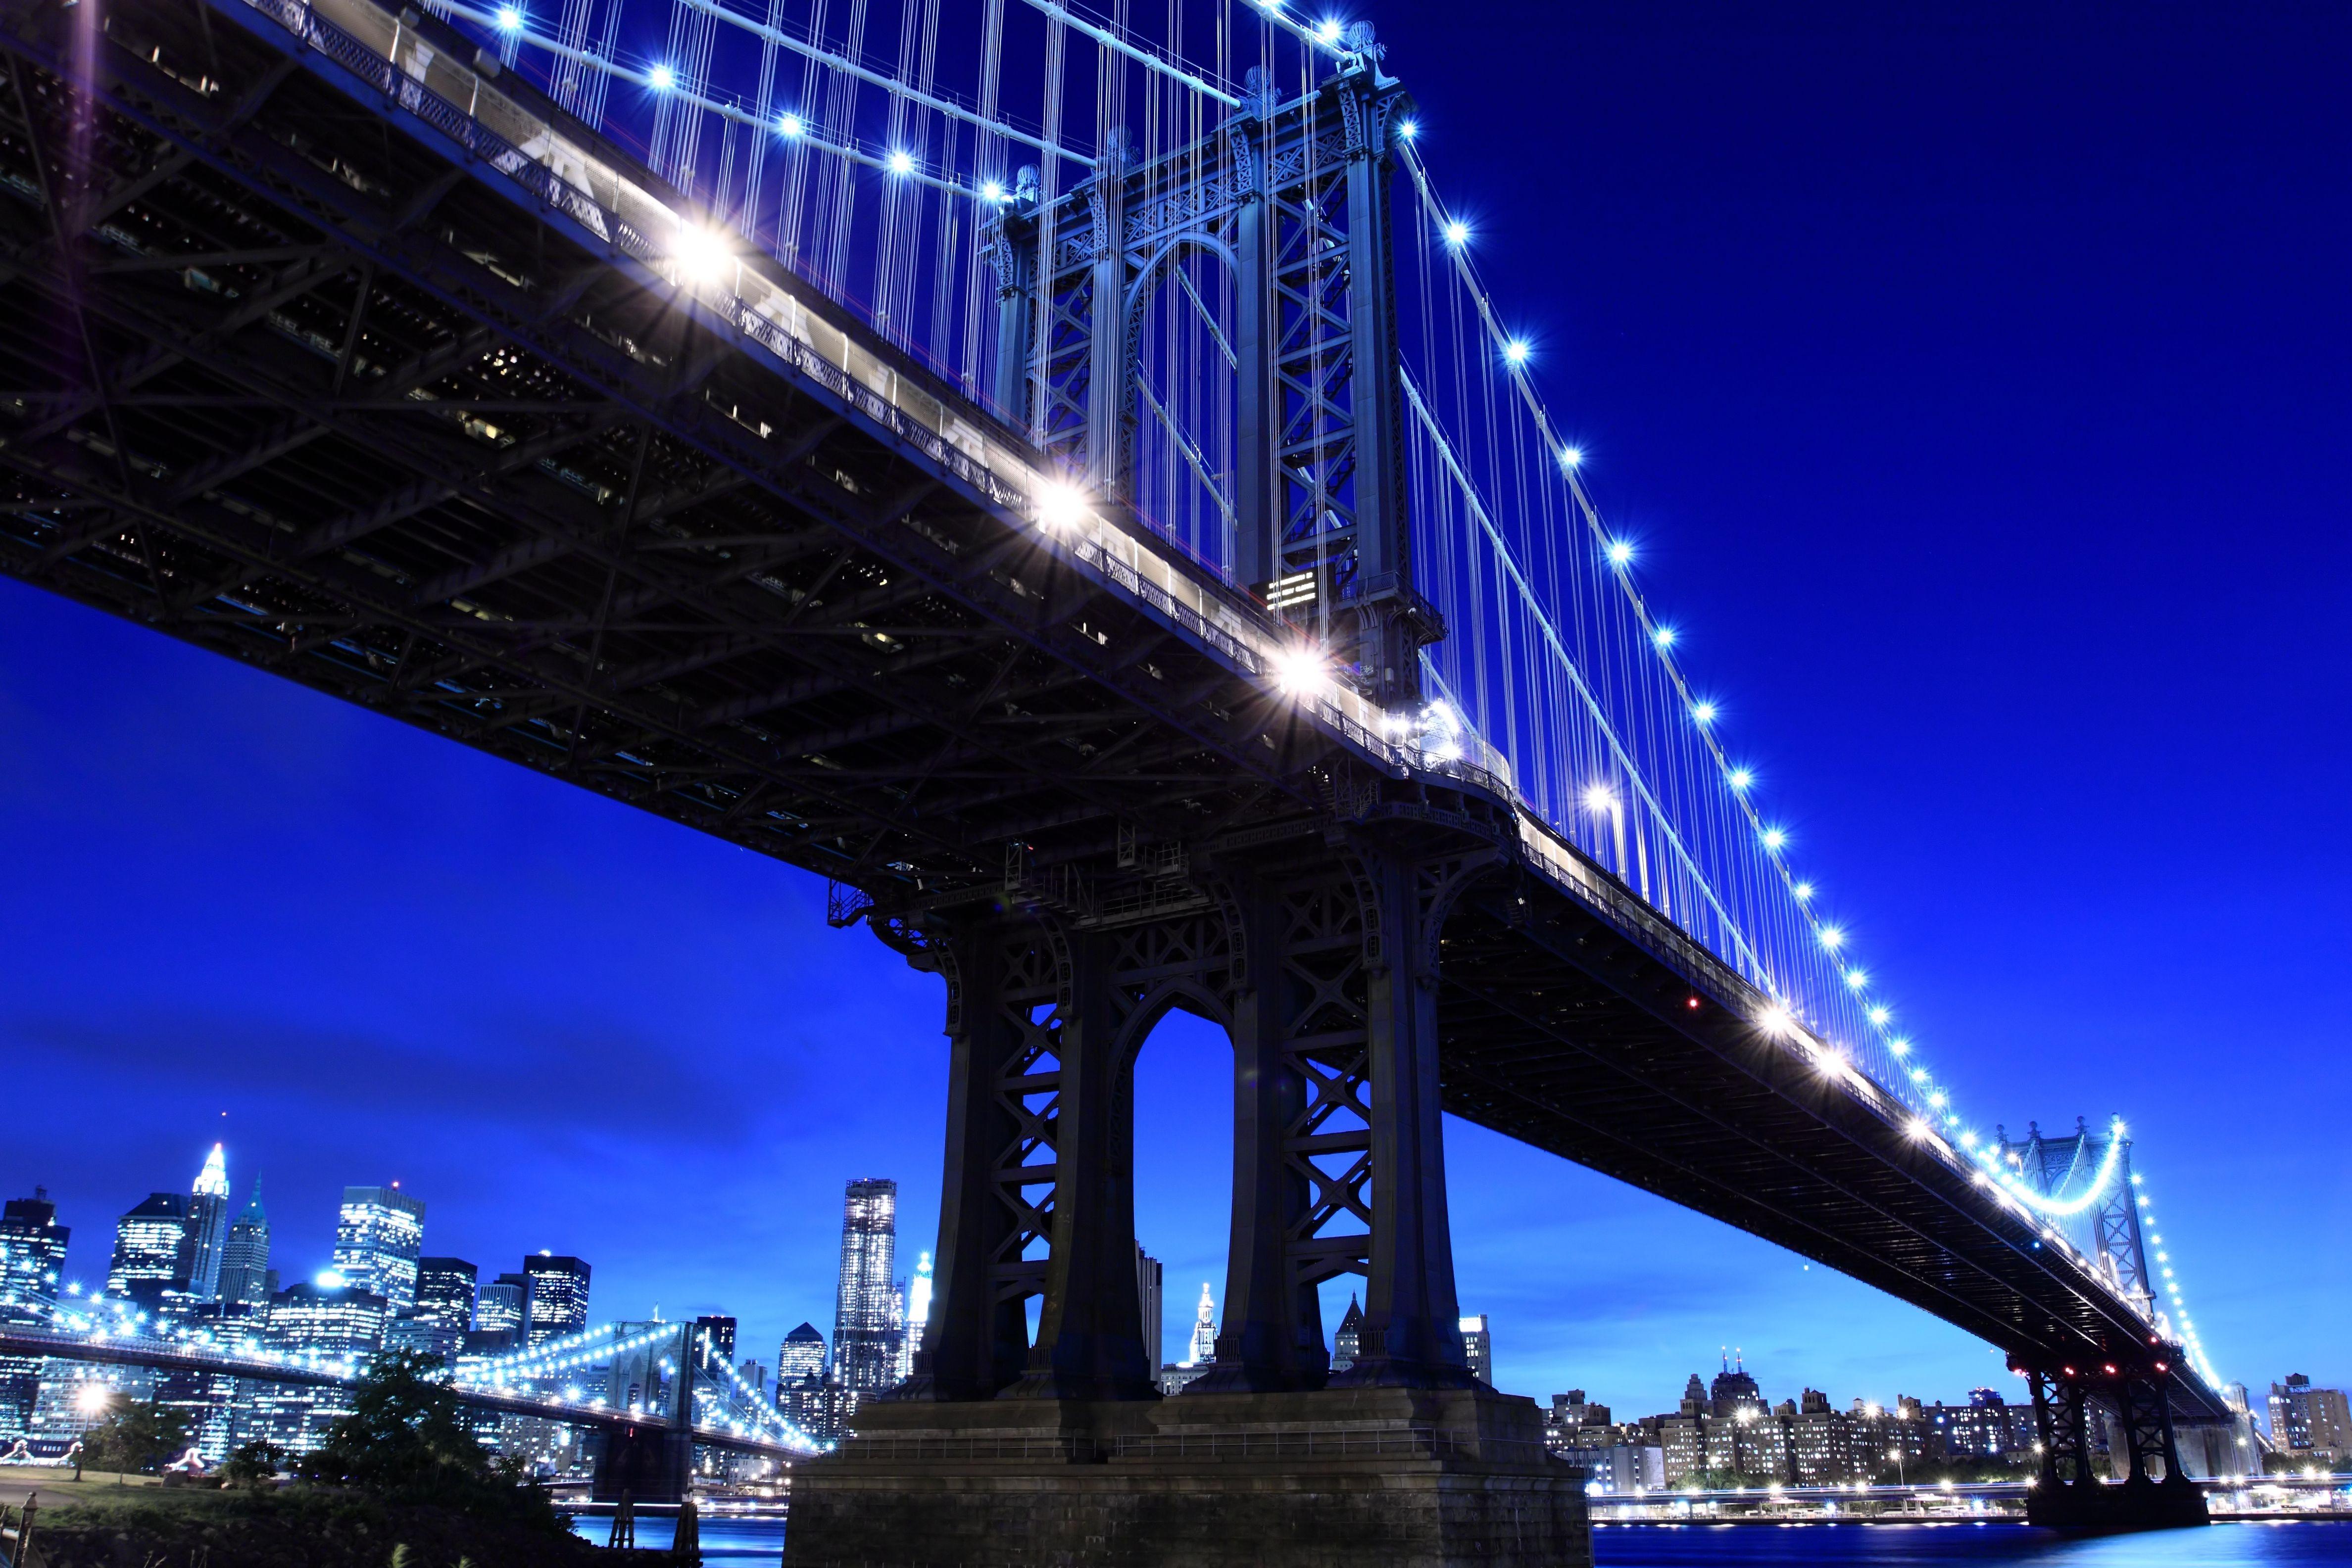 мост вечер мегаполис  № 3360587 бесплатно